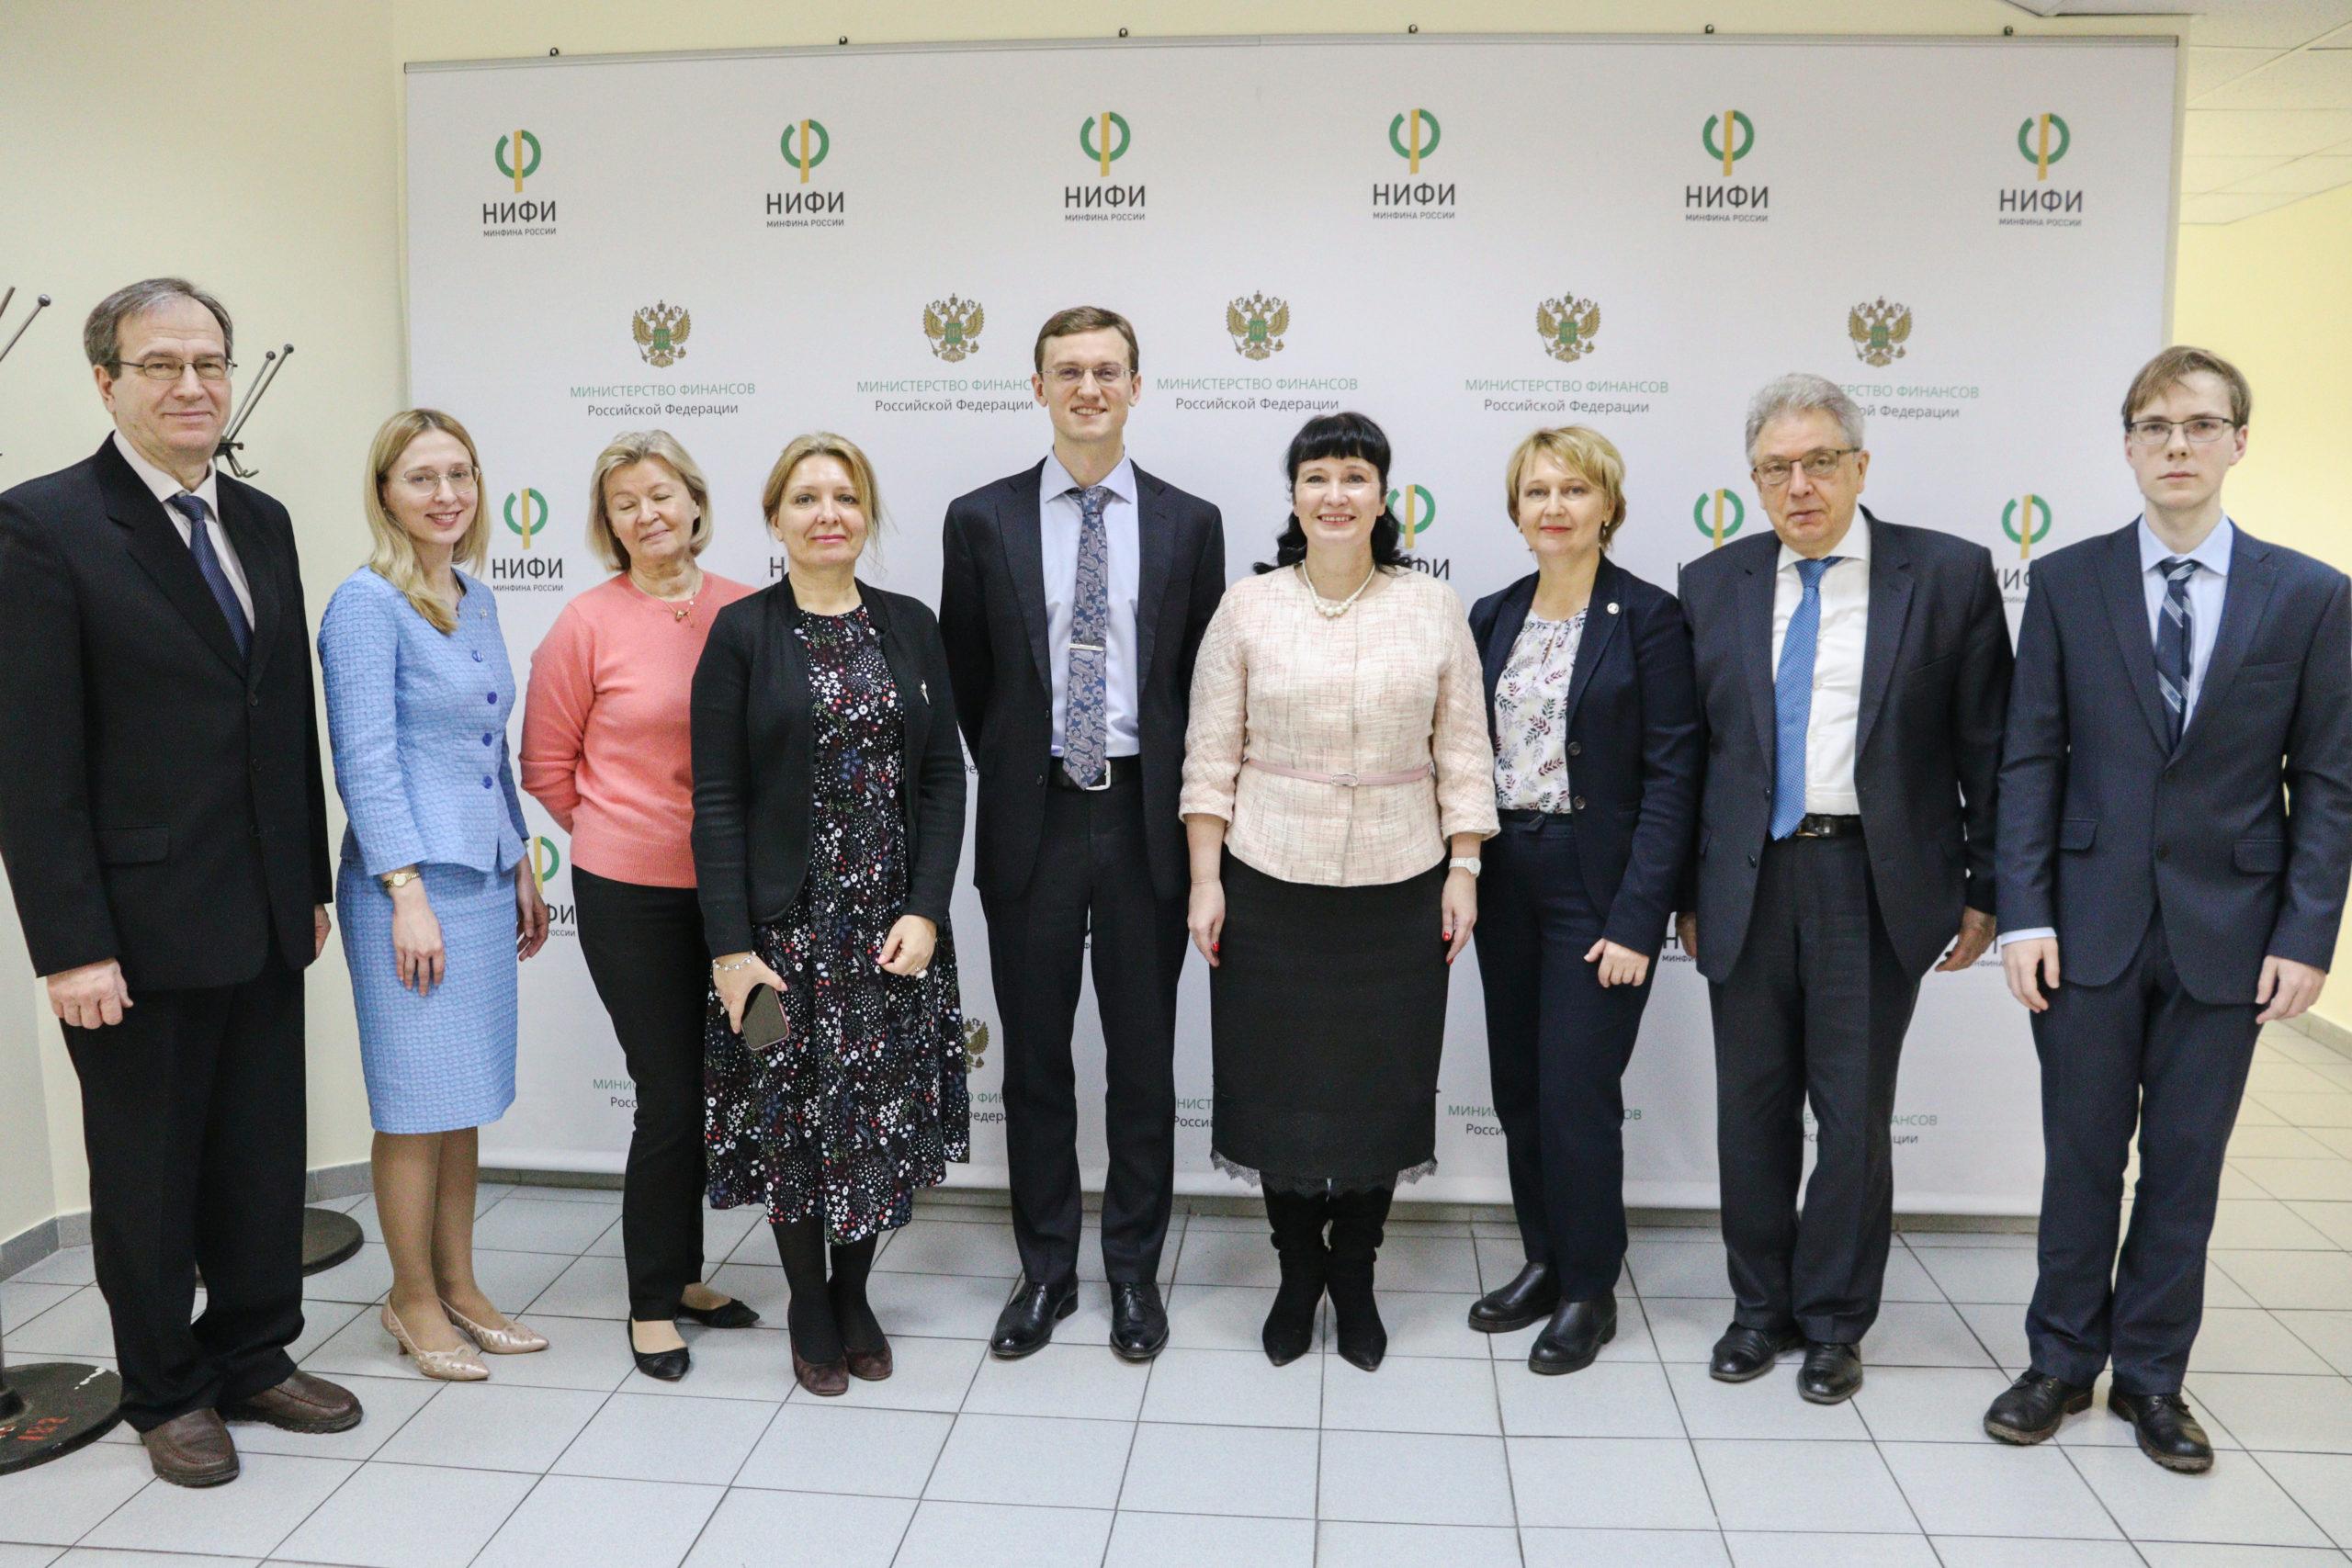 Институт экономики УрО РАН подписал соглашение о сотрудничестве с Научно-исследовательским финансовым институтом Министерства финансов Российской Федерации